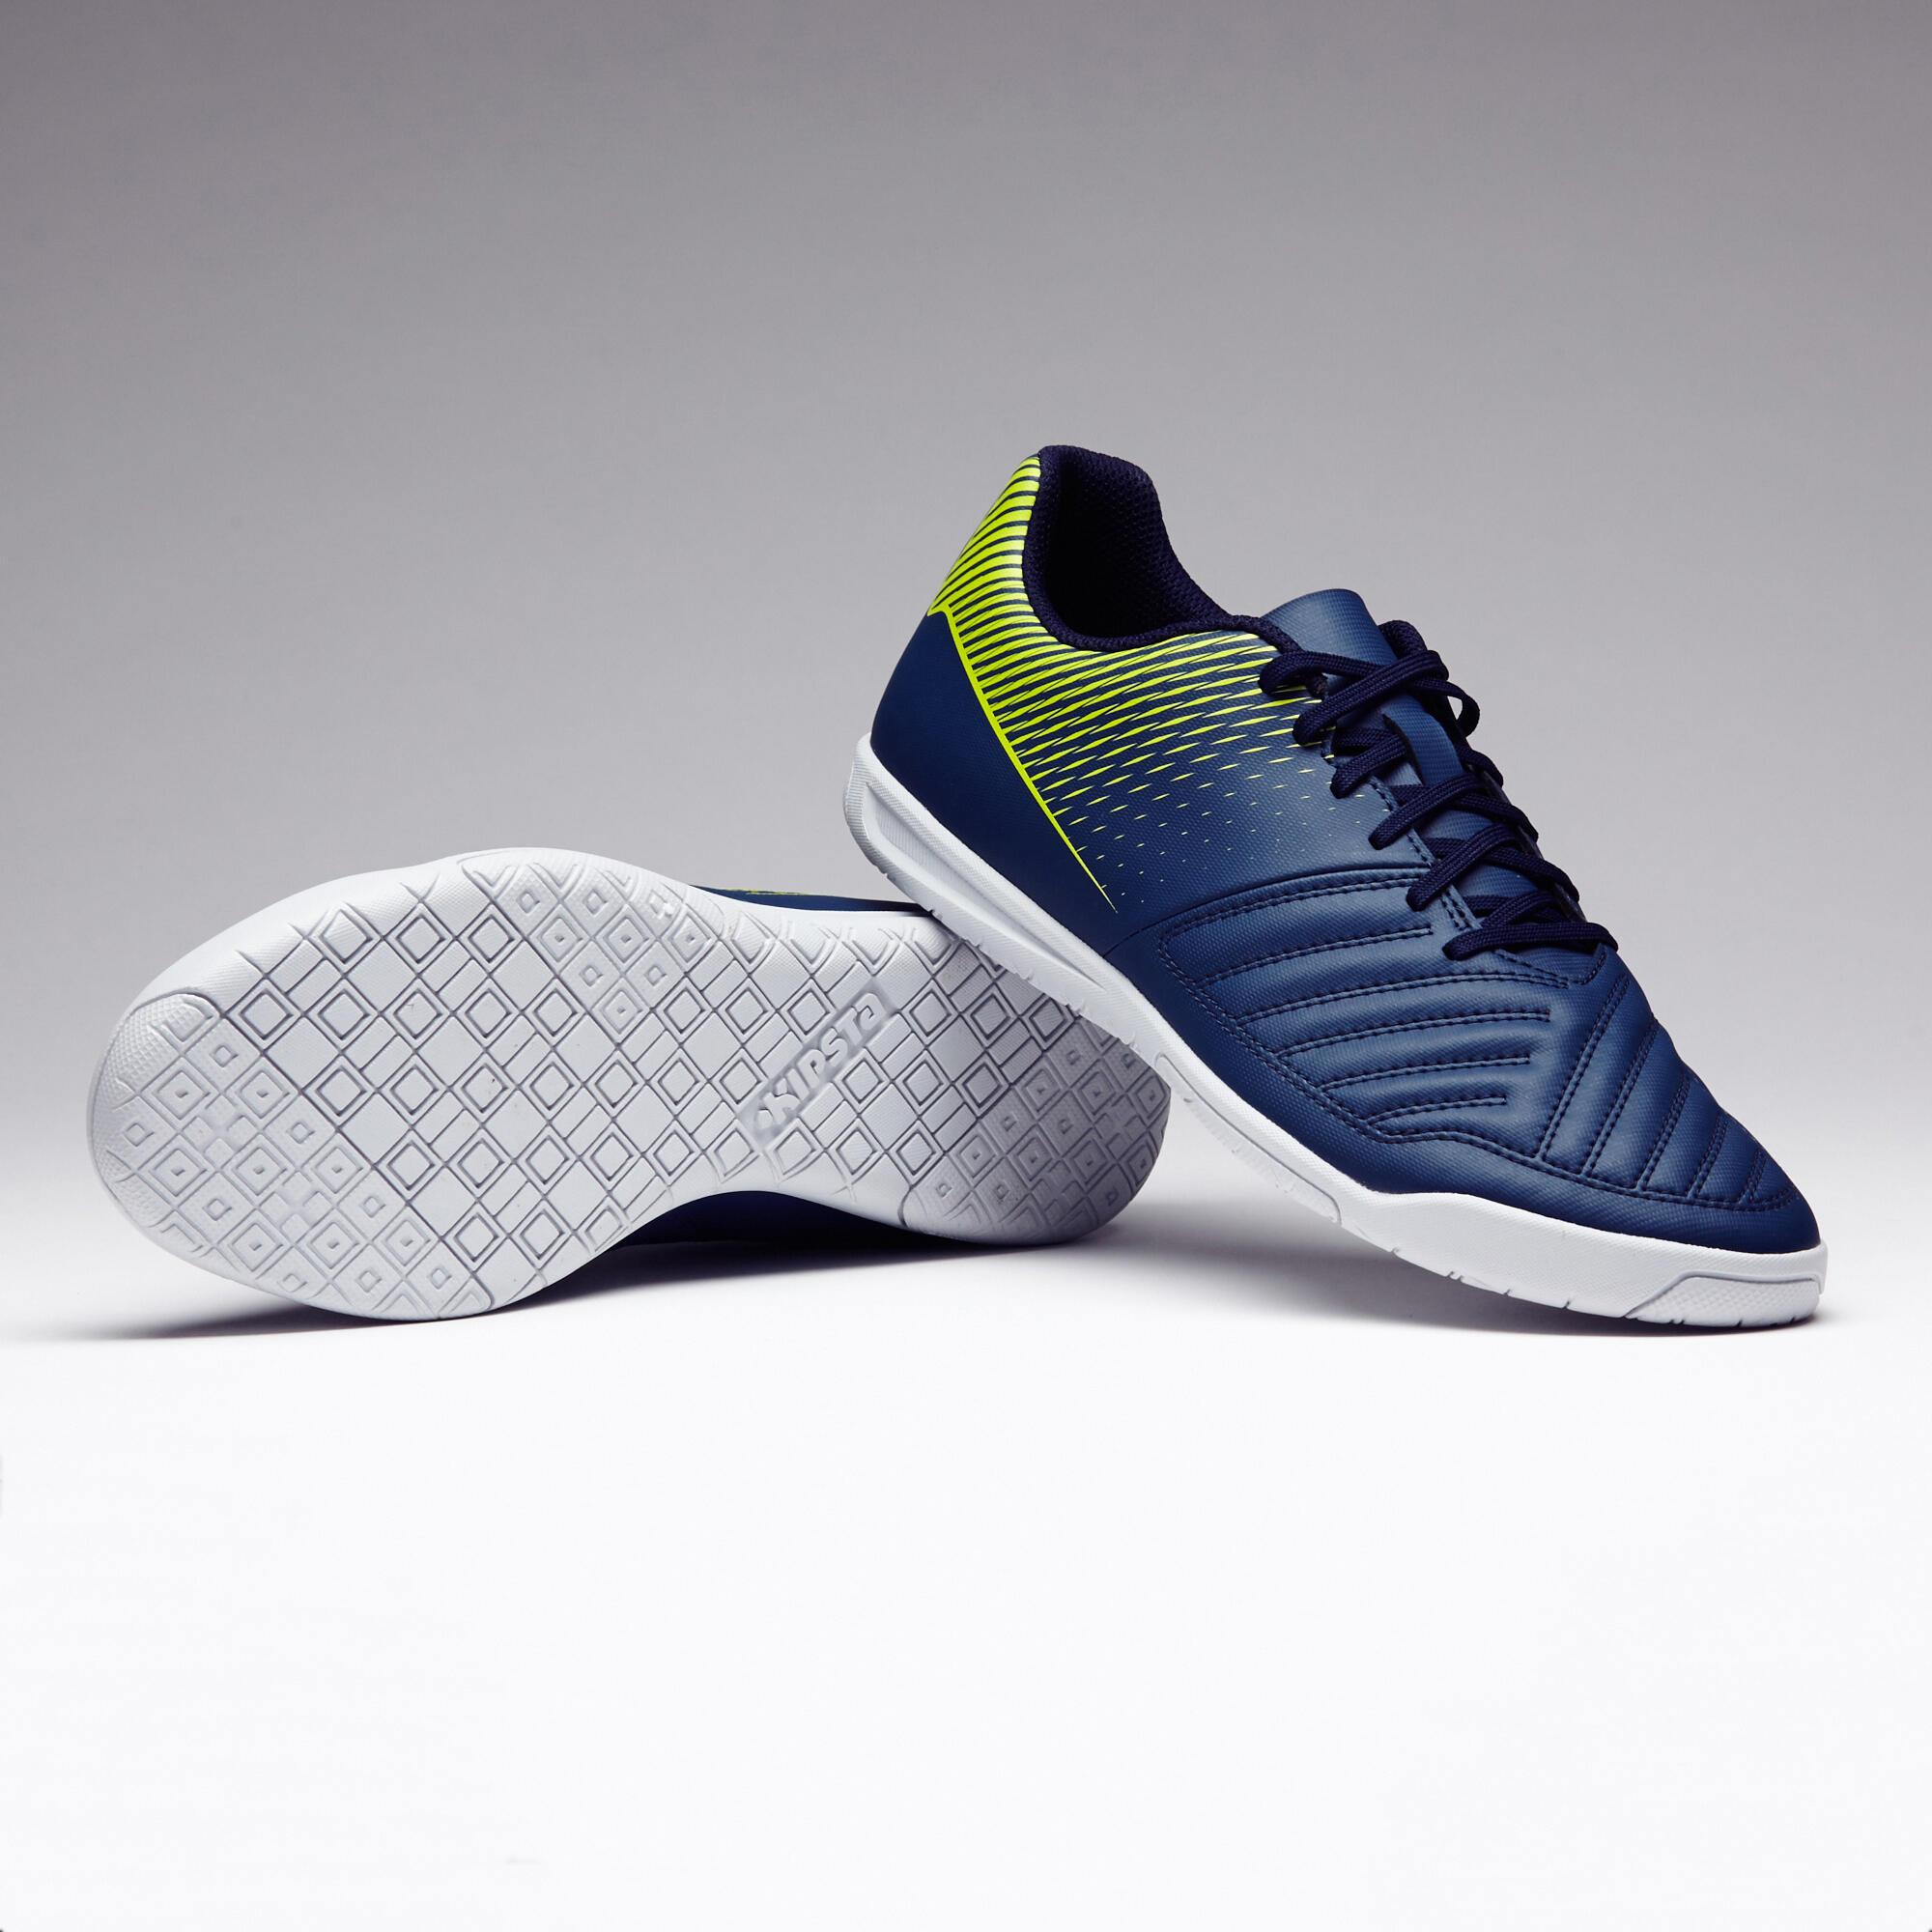 Buy Futsal Shoes Online from Kipsta